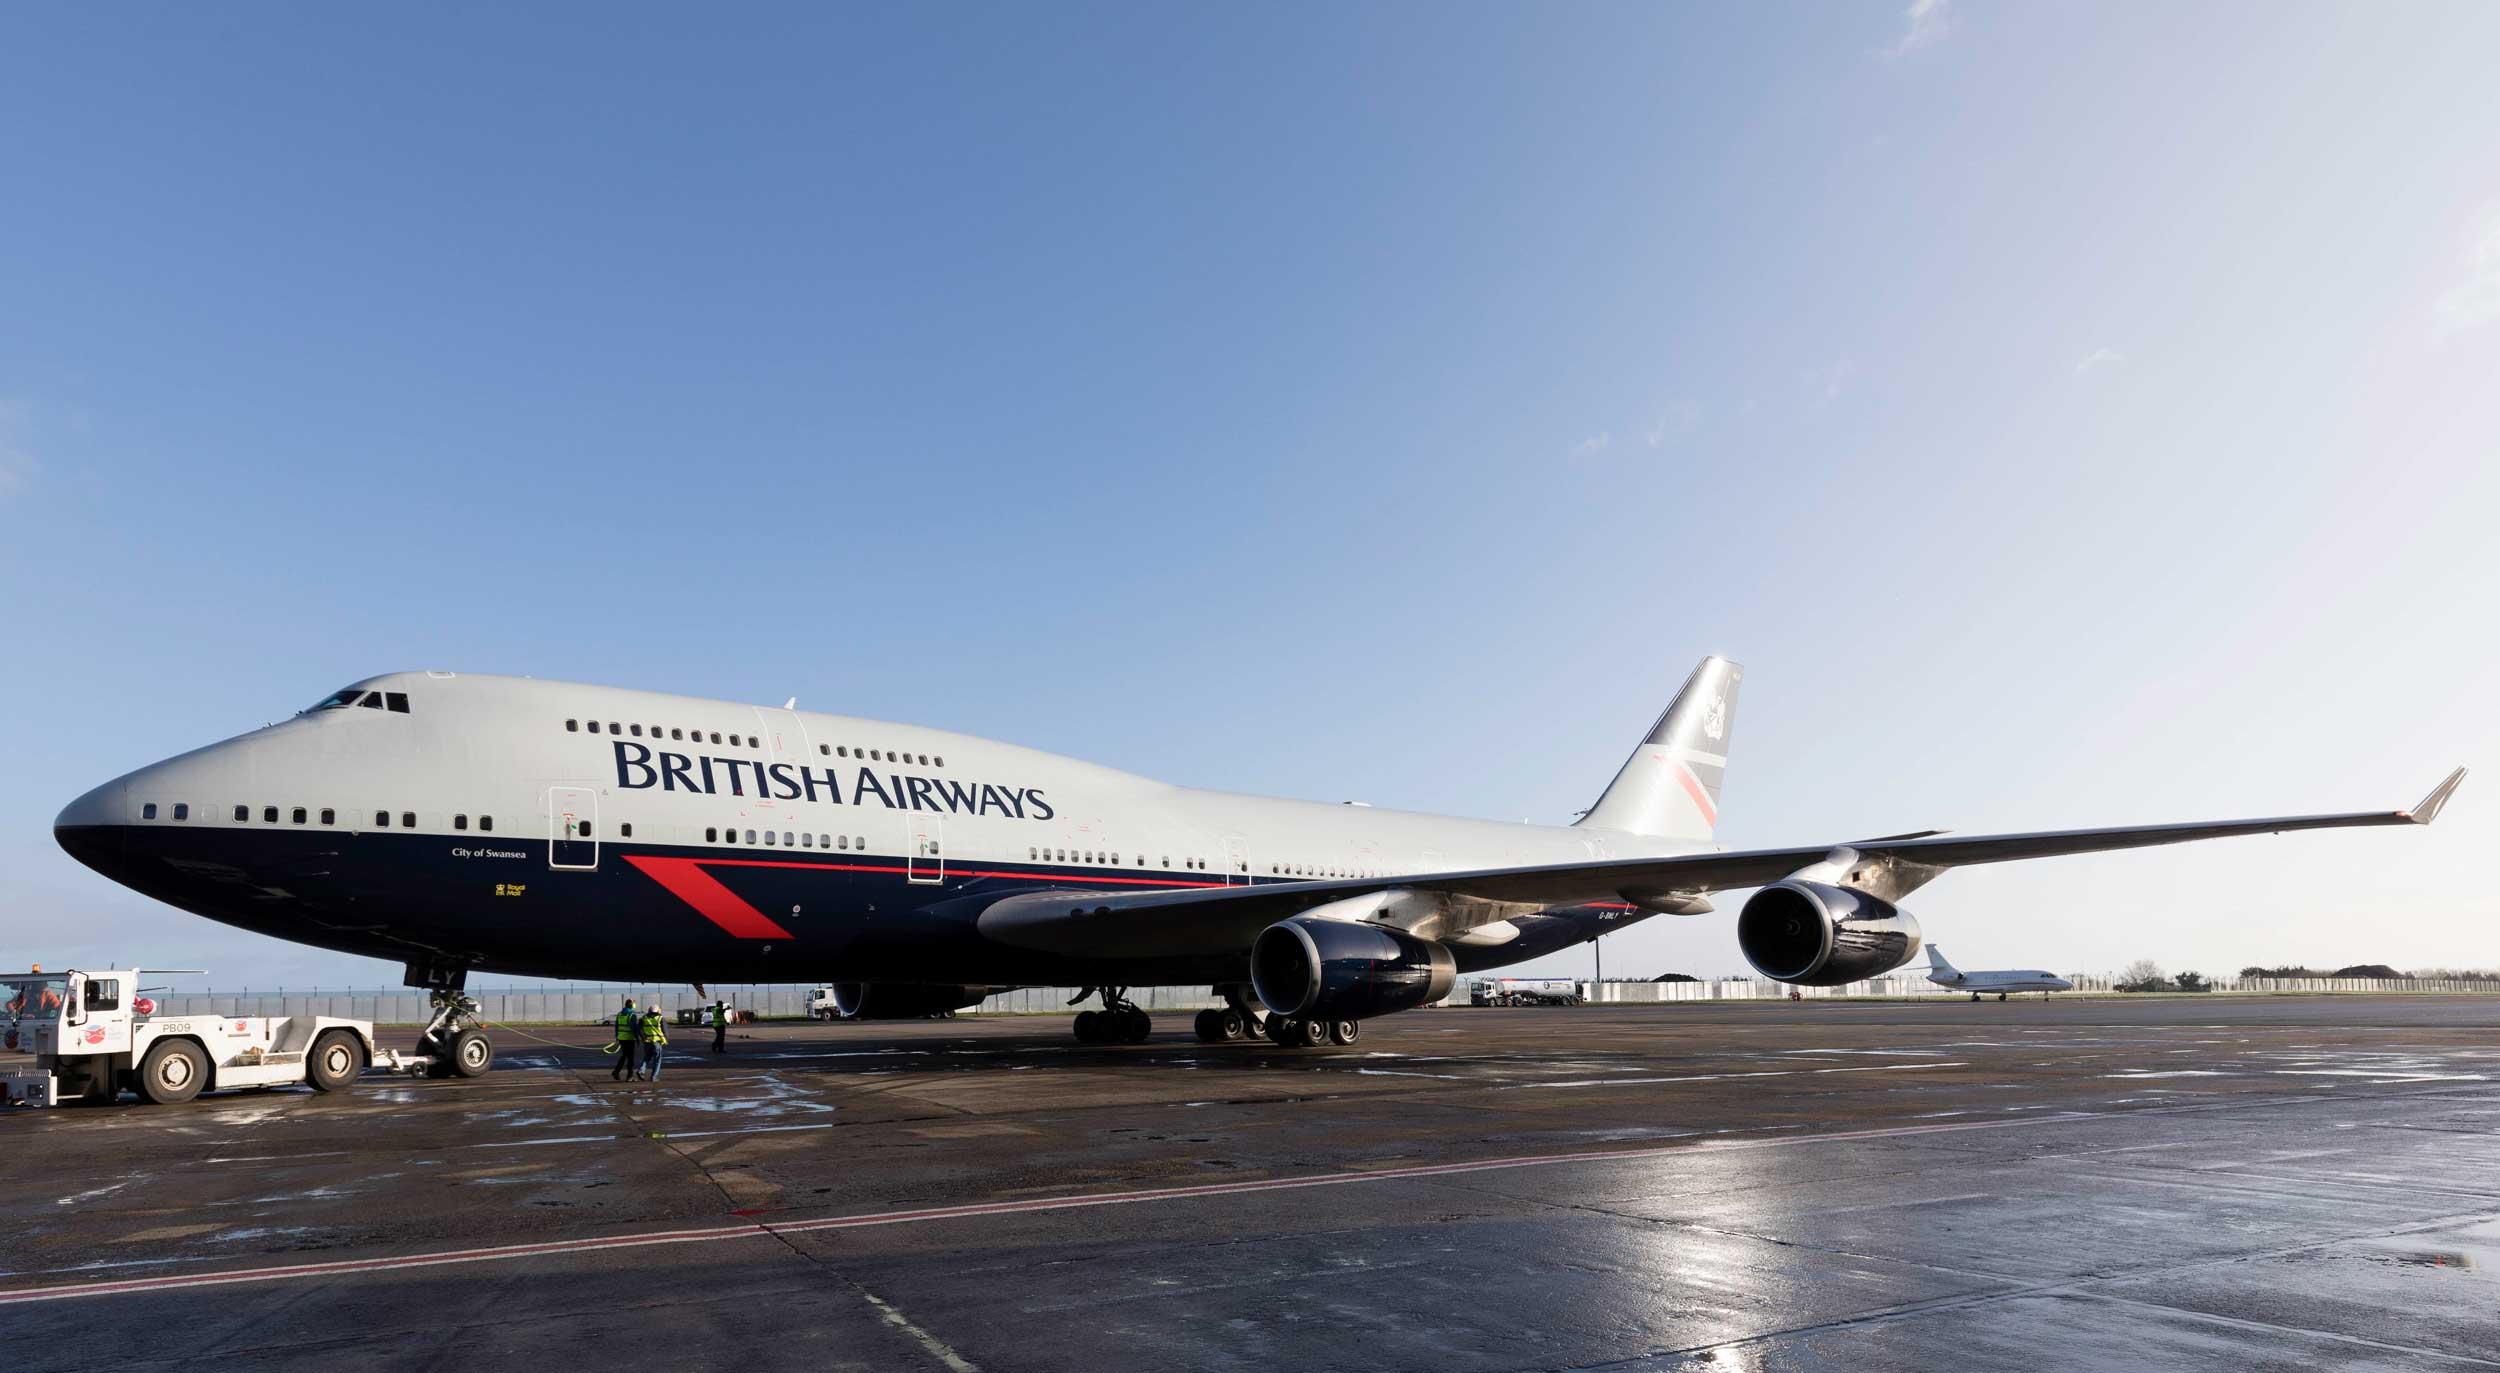 British Airways 747 Jumbo